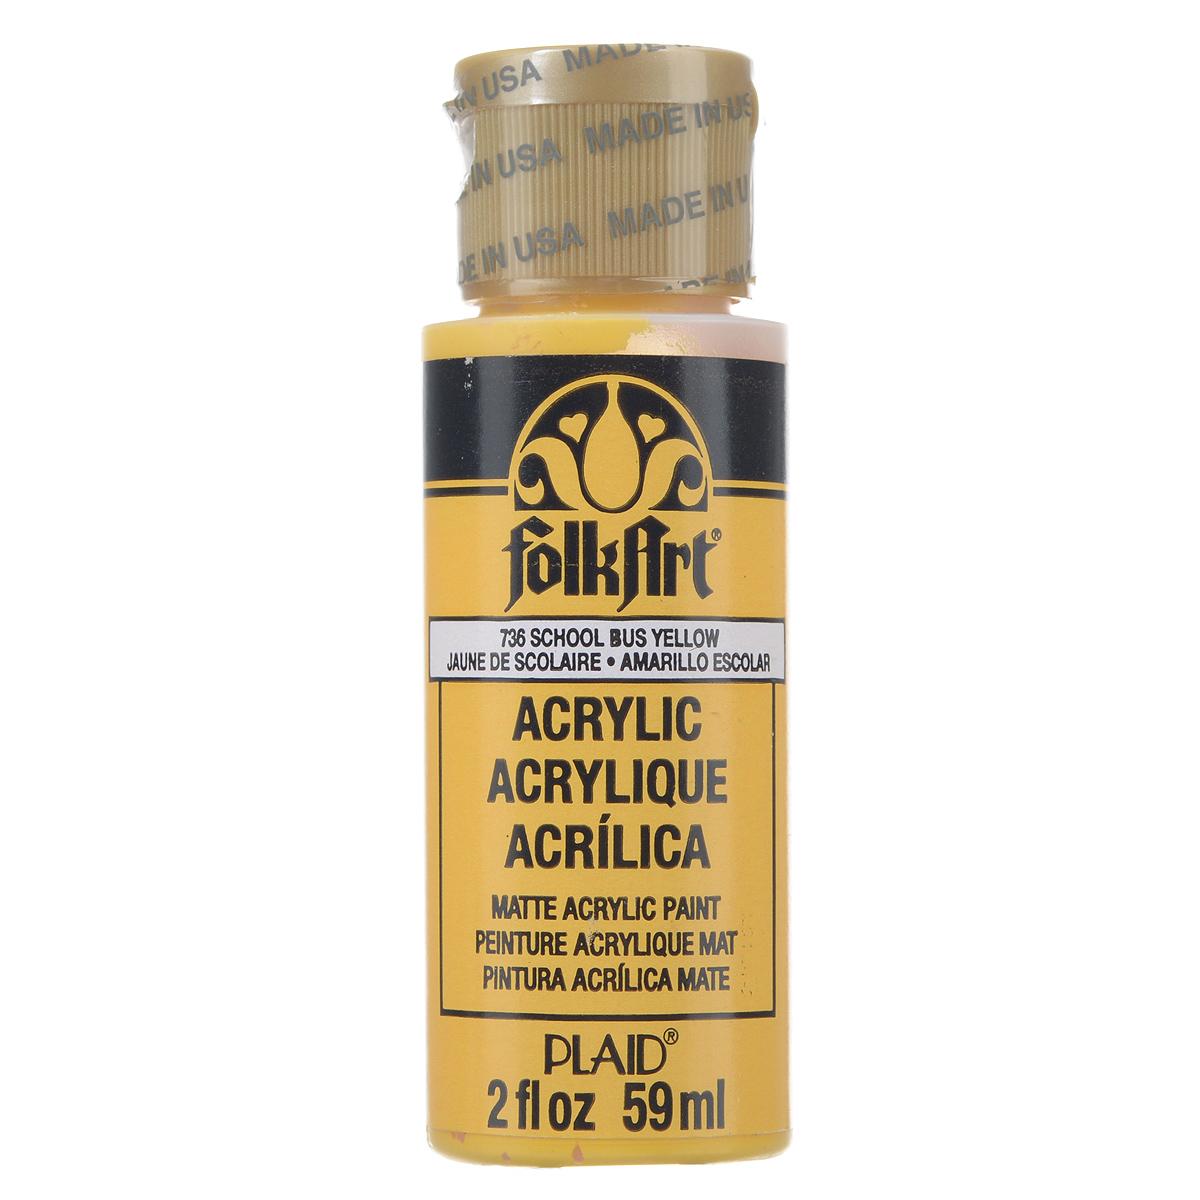 Акриловая краска FolkArt, цвет: желтый школьный автобус, 59 млPLD-00736Акриловая краска FolkArt выполнена на водной основе и предназначена для рисования на пористых поверхностях. Краска устойчива к погодным и ультрафиолетовым воздействиям. Не нуждается в дополнительном покрытии герметиком. После высыхания имеет глянцевый вид.Изделия покрытые краской FolkArt, прекрасно дополнят ваш интерьер. Объем: 59 мл.